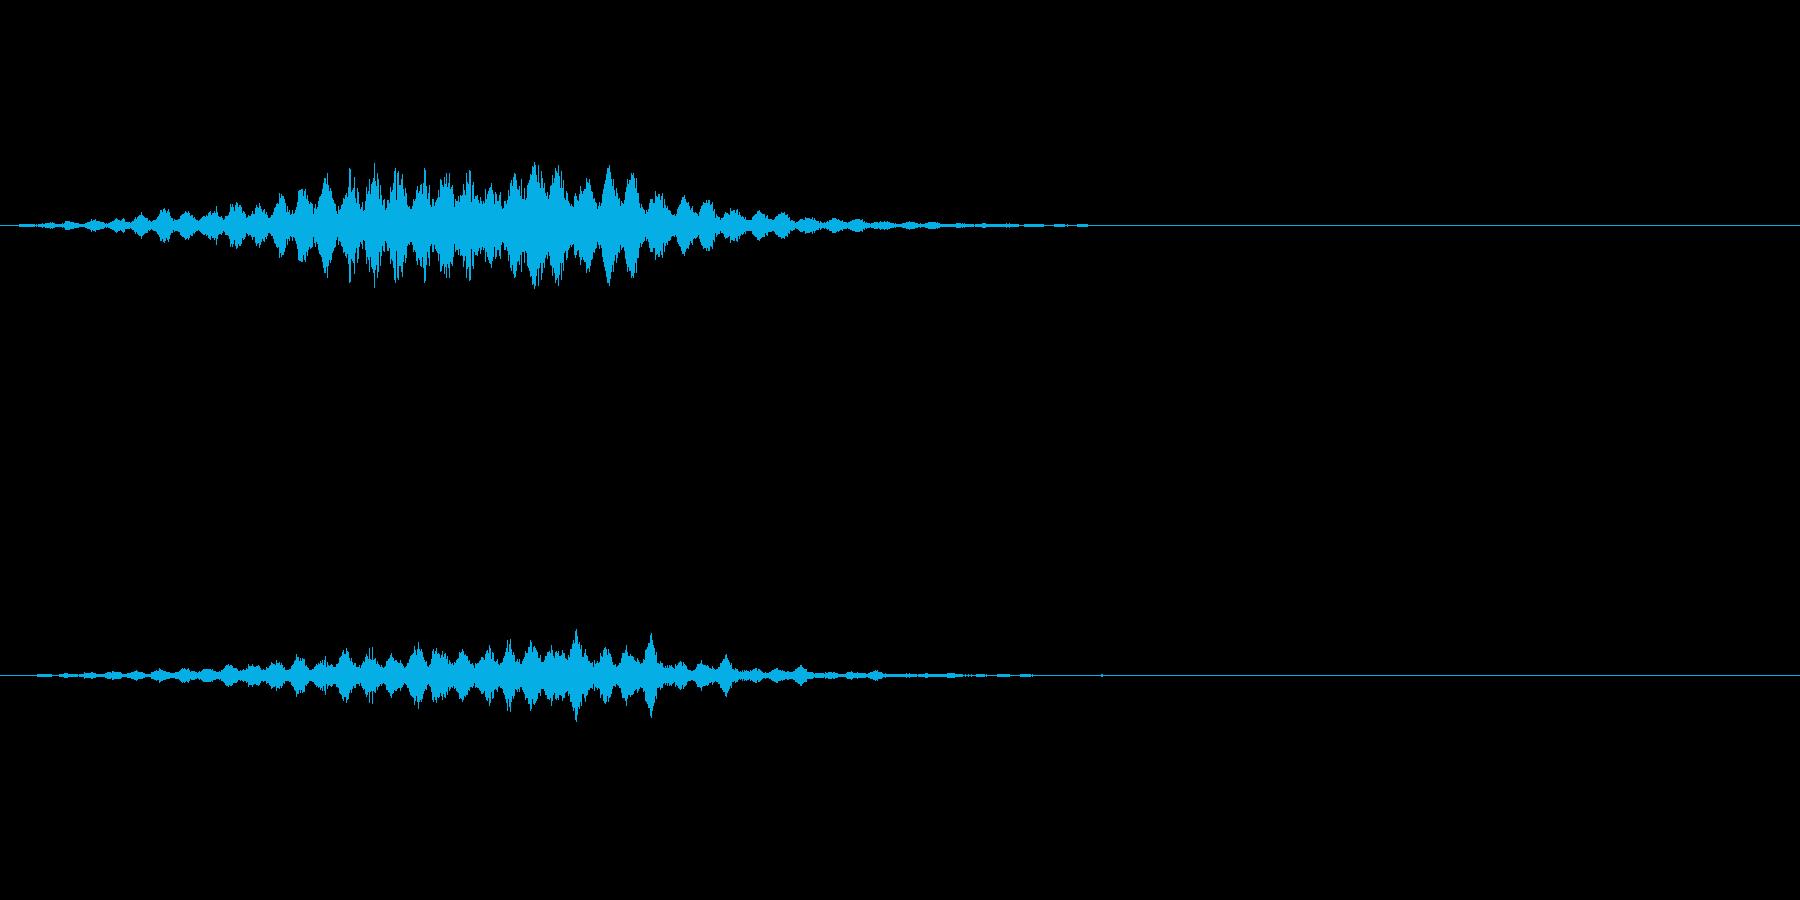 ダンスミュージックに使える上昇音の再生済みの波形